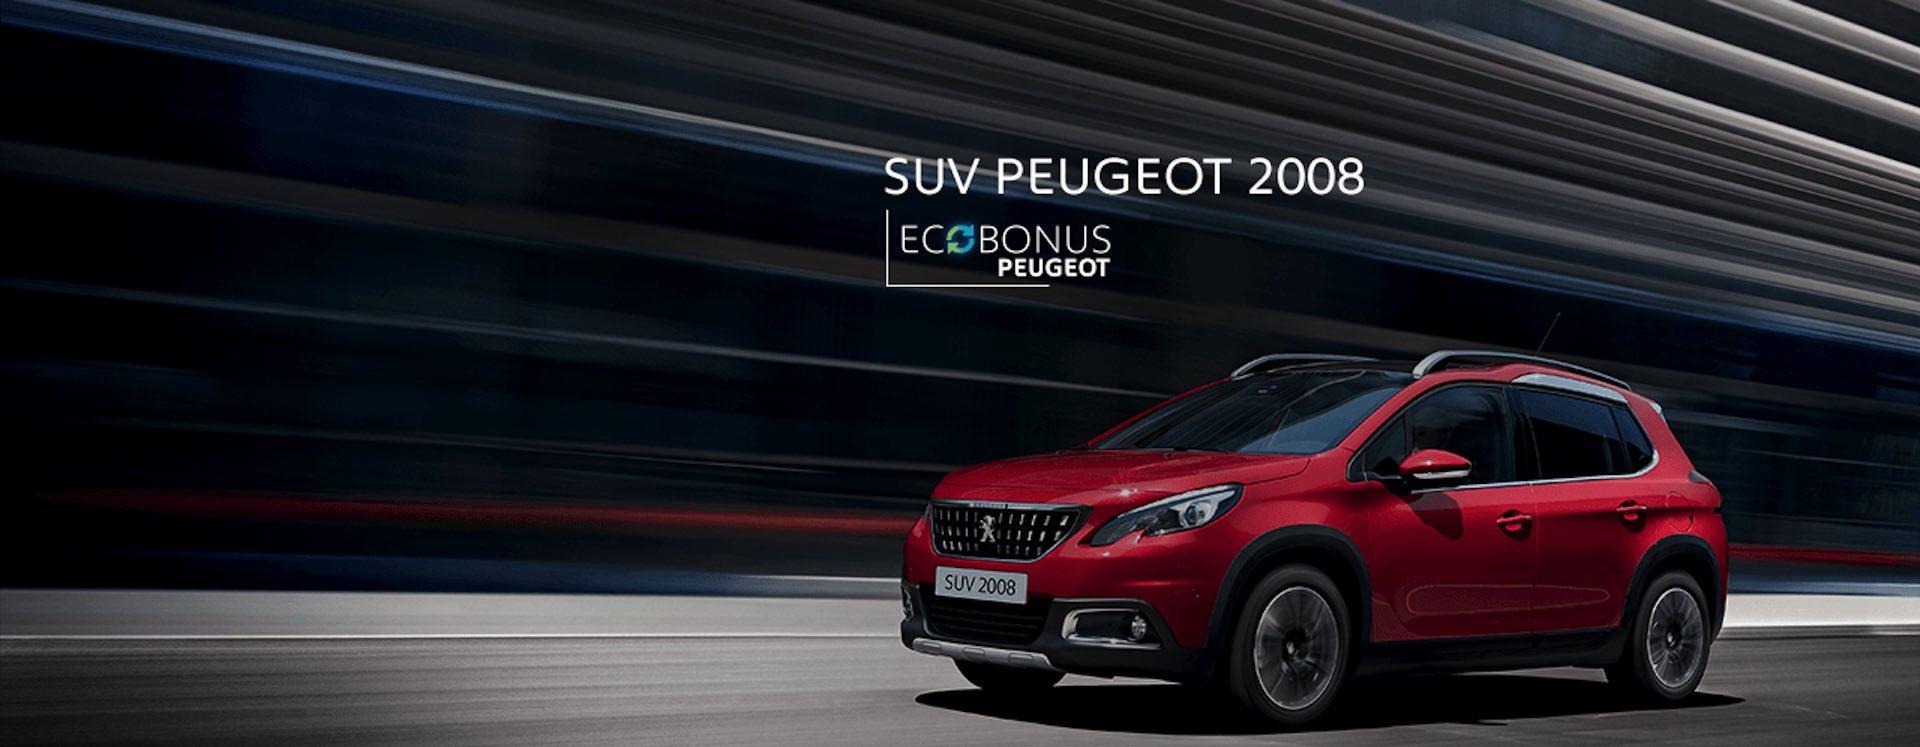 Peugeot 2008 in promozione